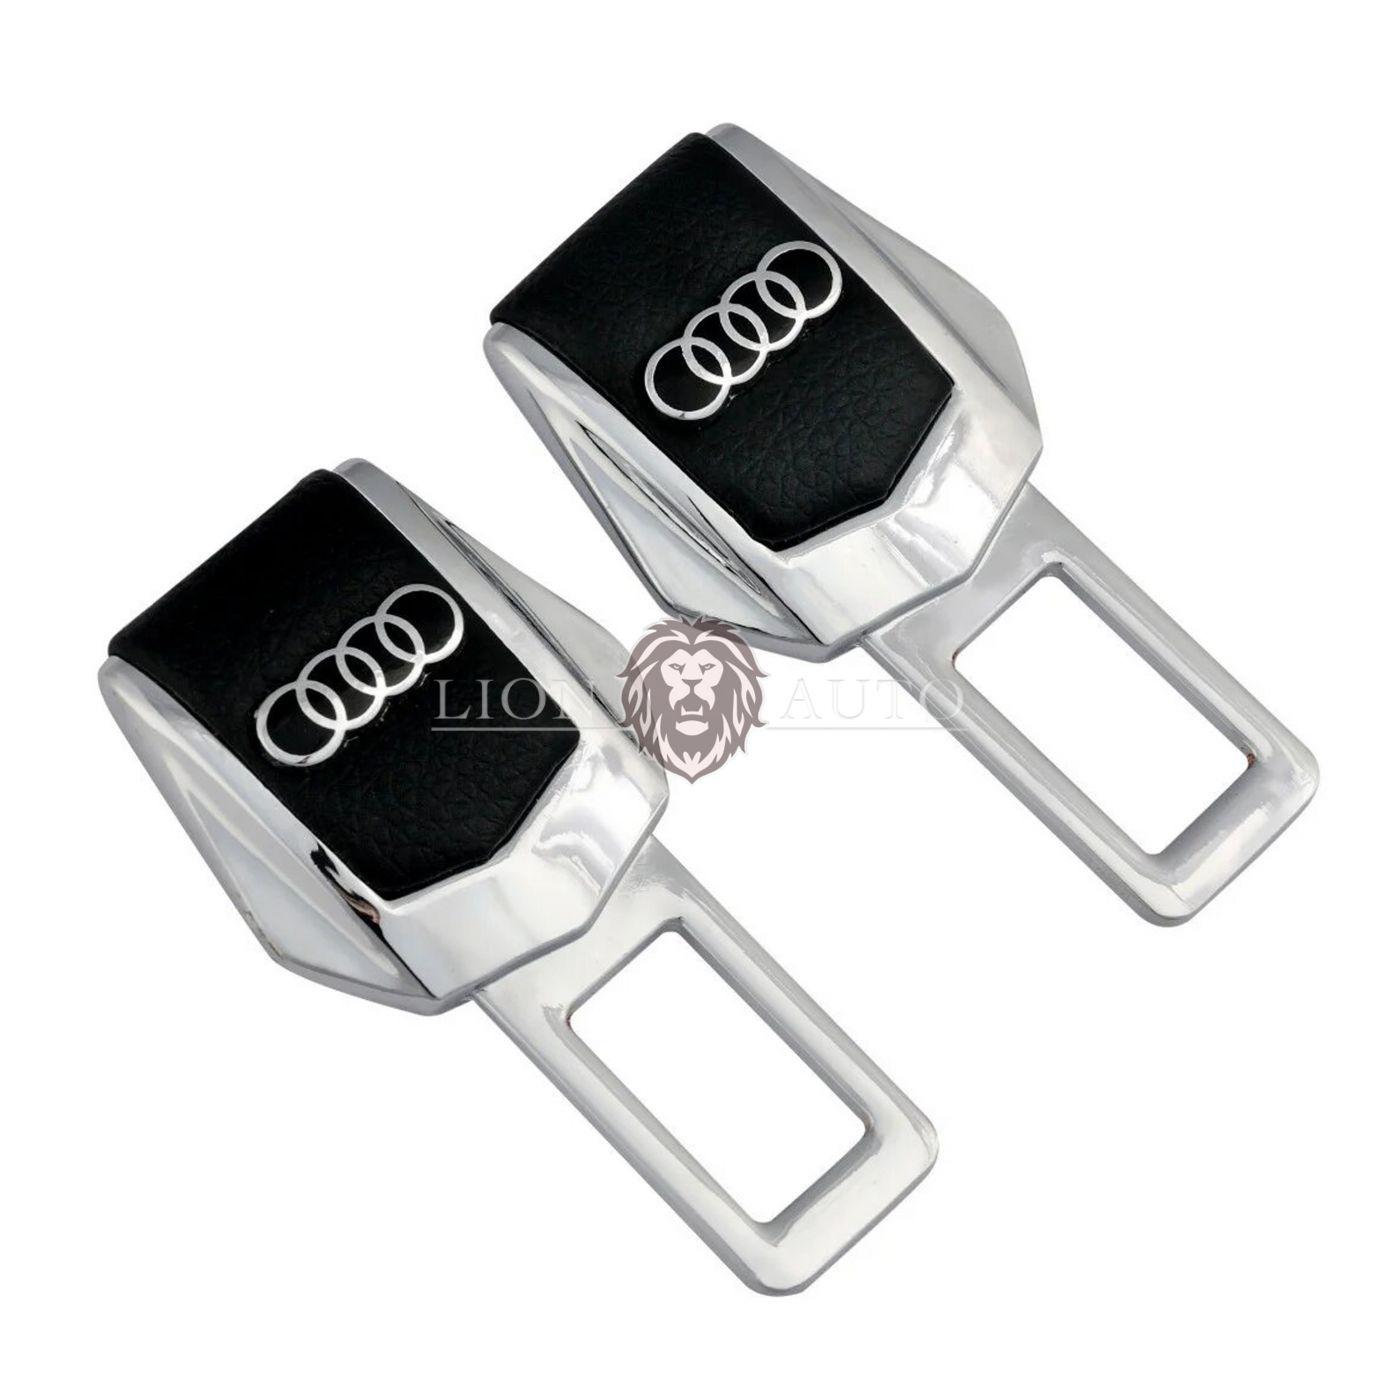 Заглушки ремня безопасности на Audi (набор)